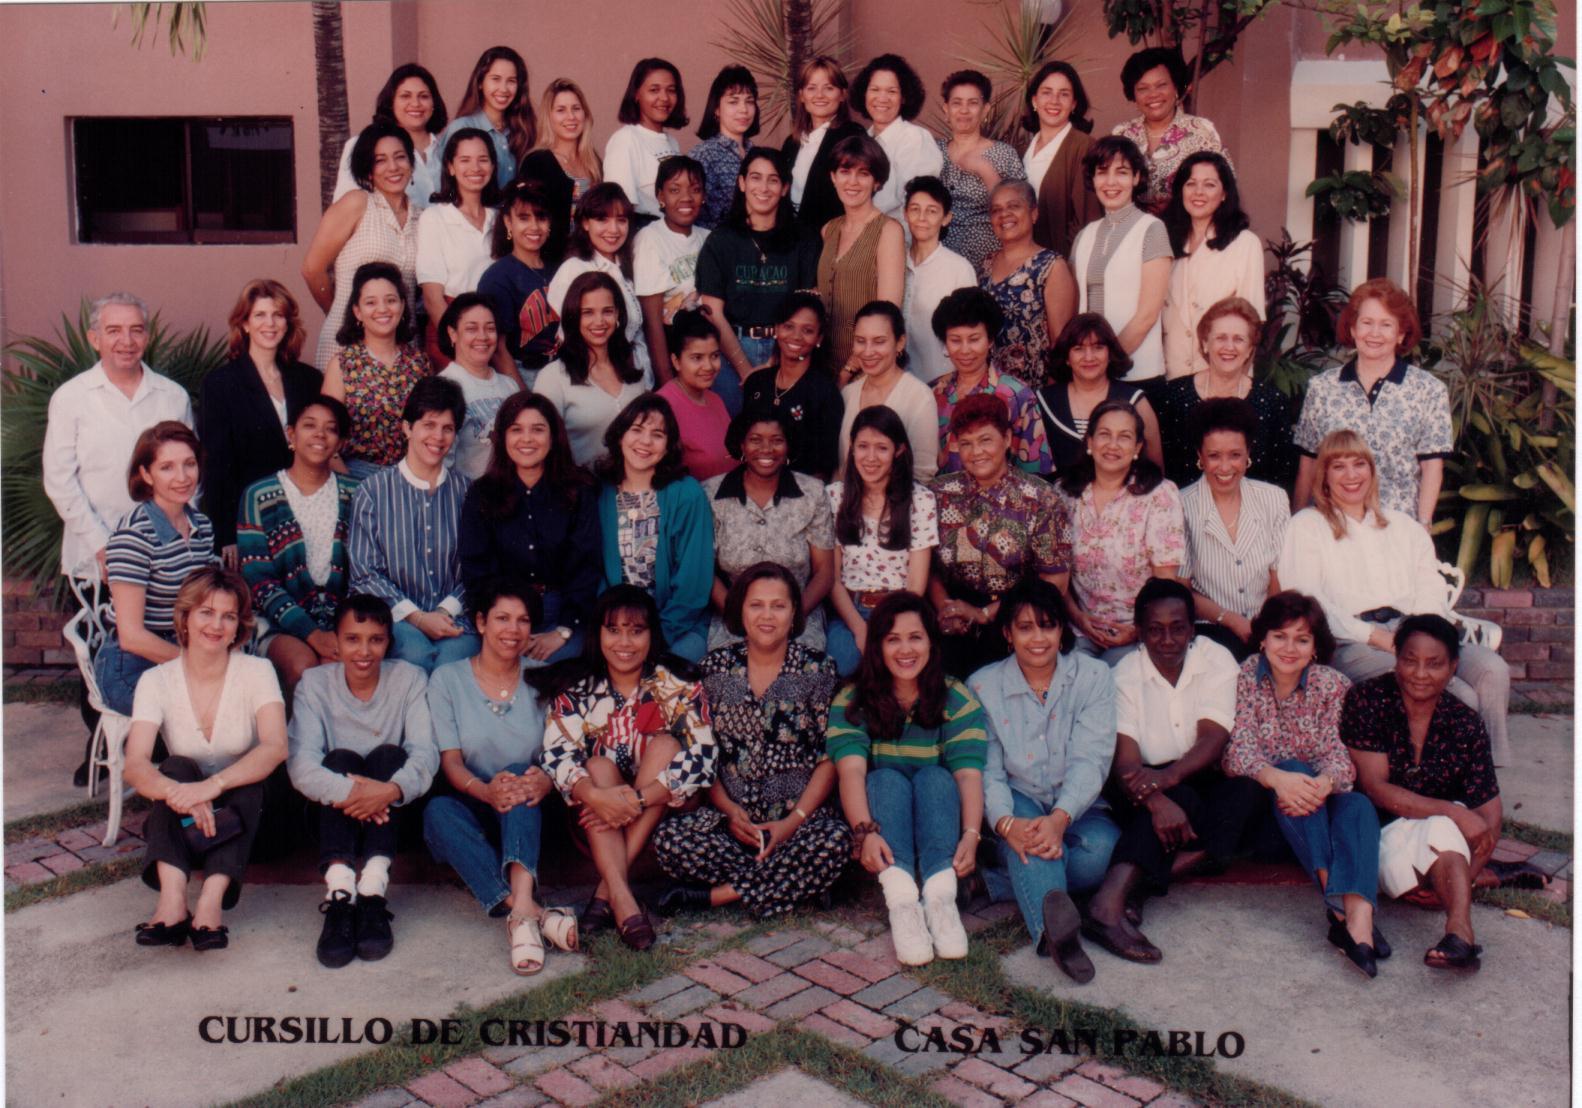 CURSILLO-620.jpg